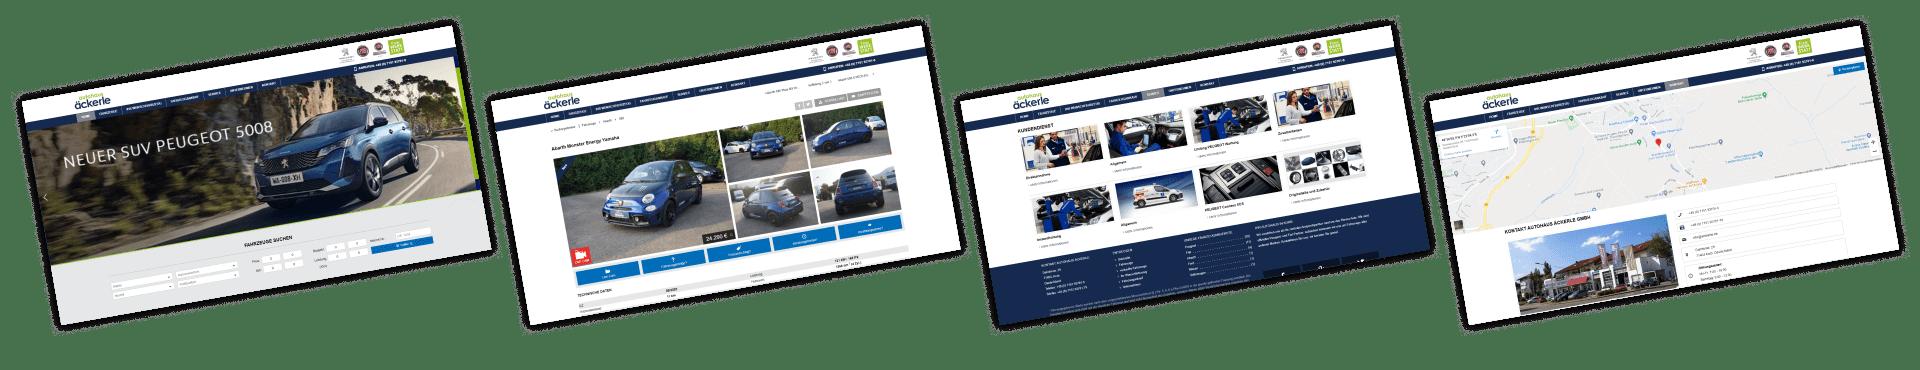 Autohaus Äckerle | Vertrags- und Servicepartner für Peugeot und Fiat – Stuttgart